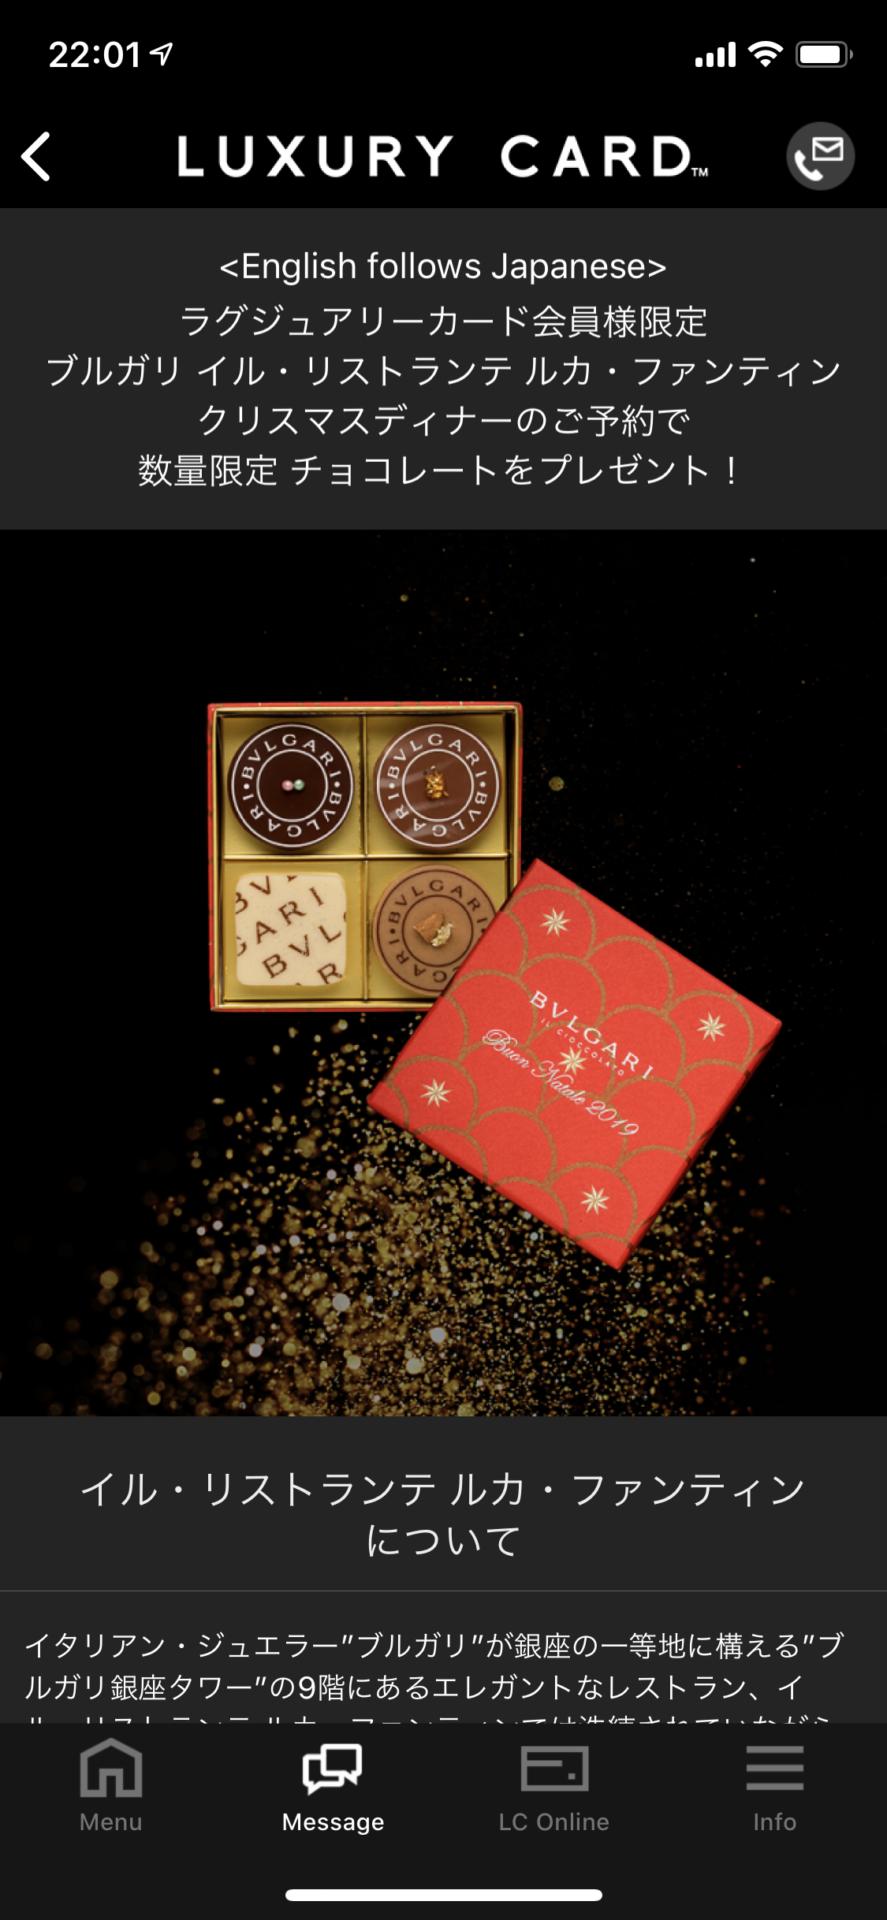 クリスマスディナーでナターレボックスをプレゼント!ブルガリ イル・リストランテ ルカ・ファンティンの優待